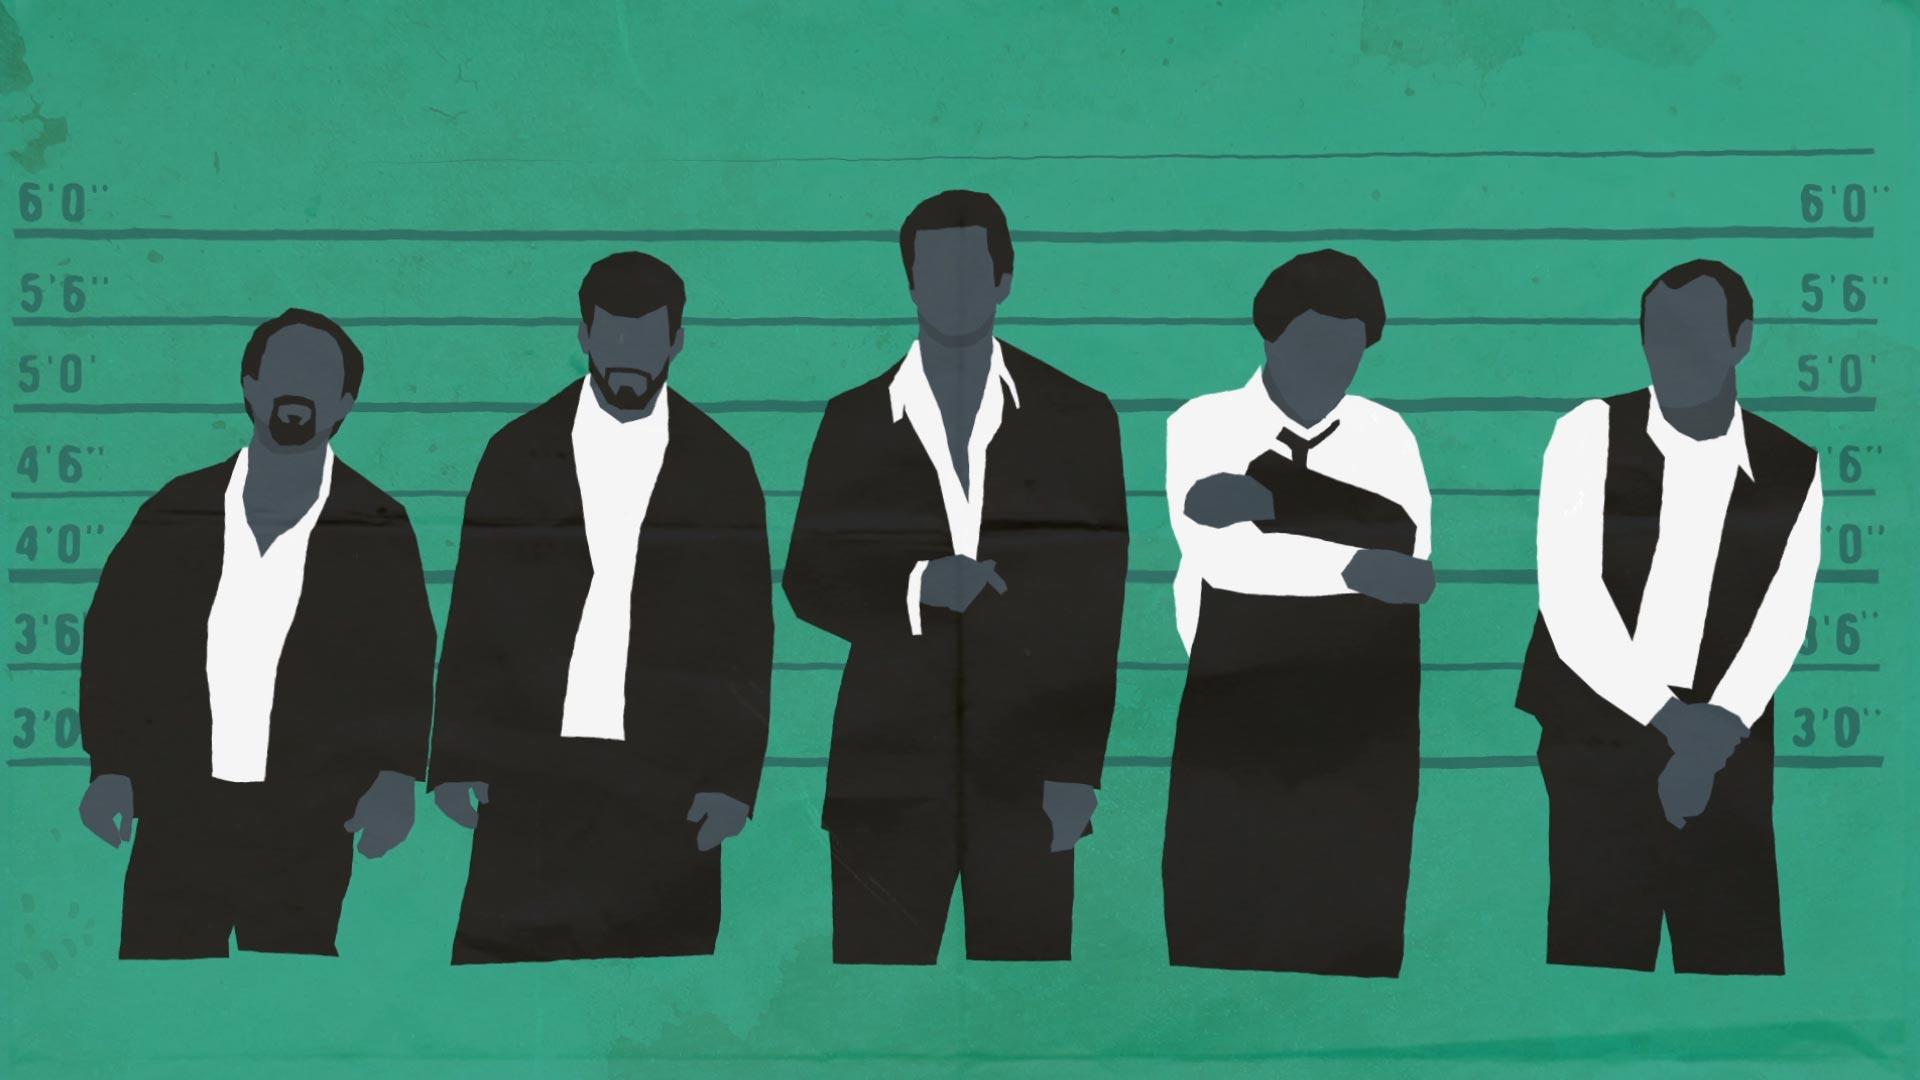 Mubi unusual suspects